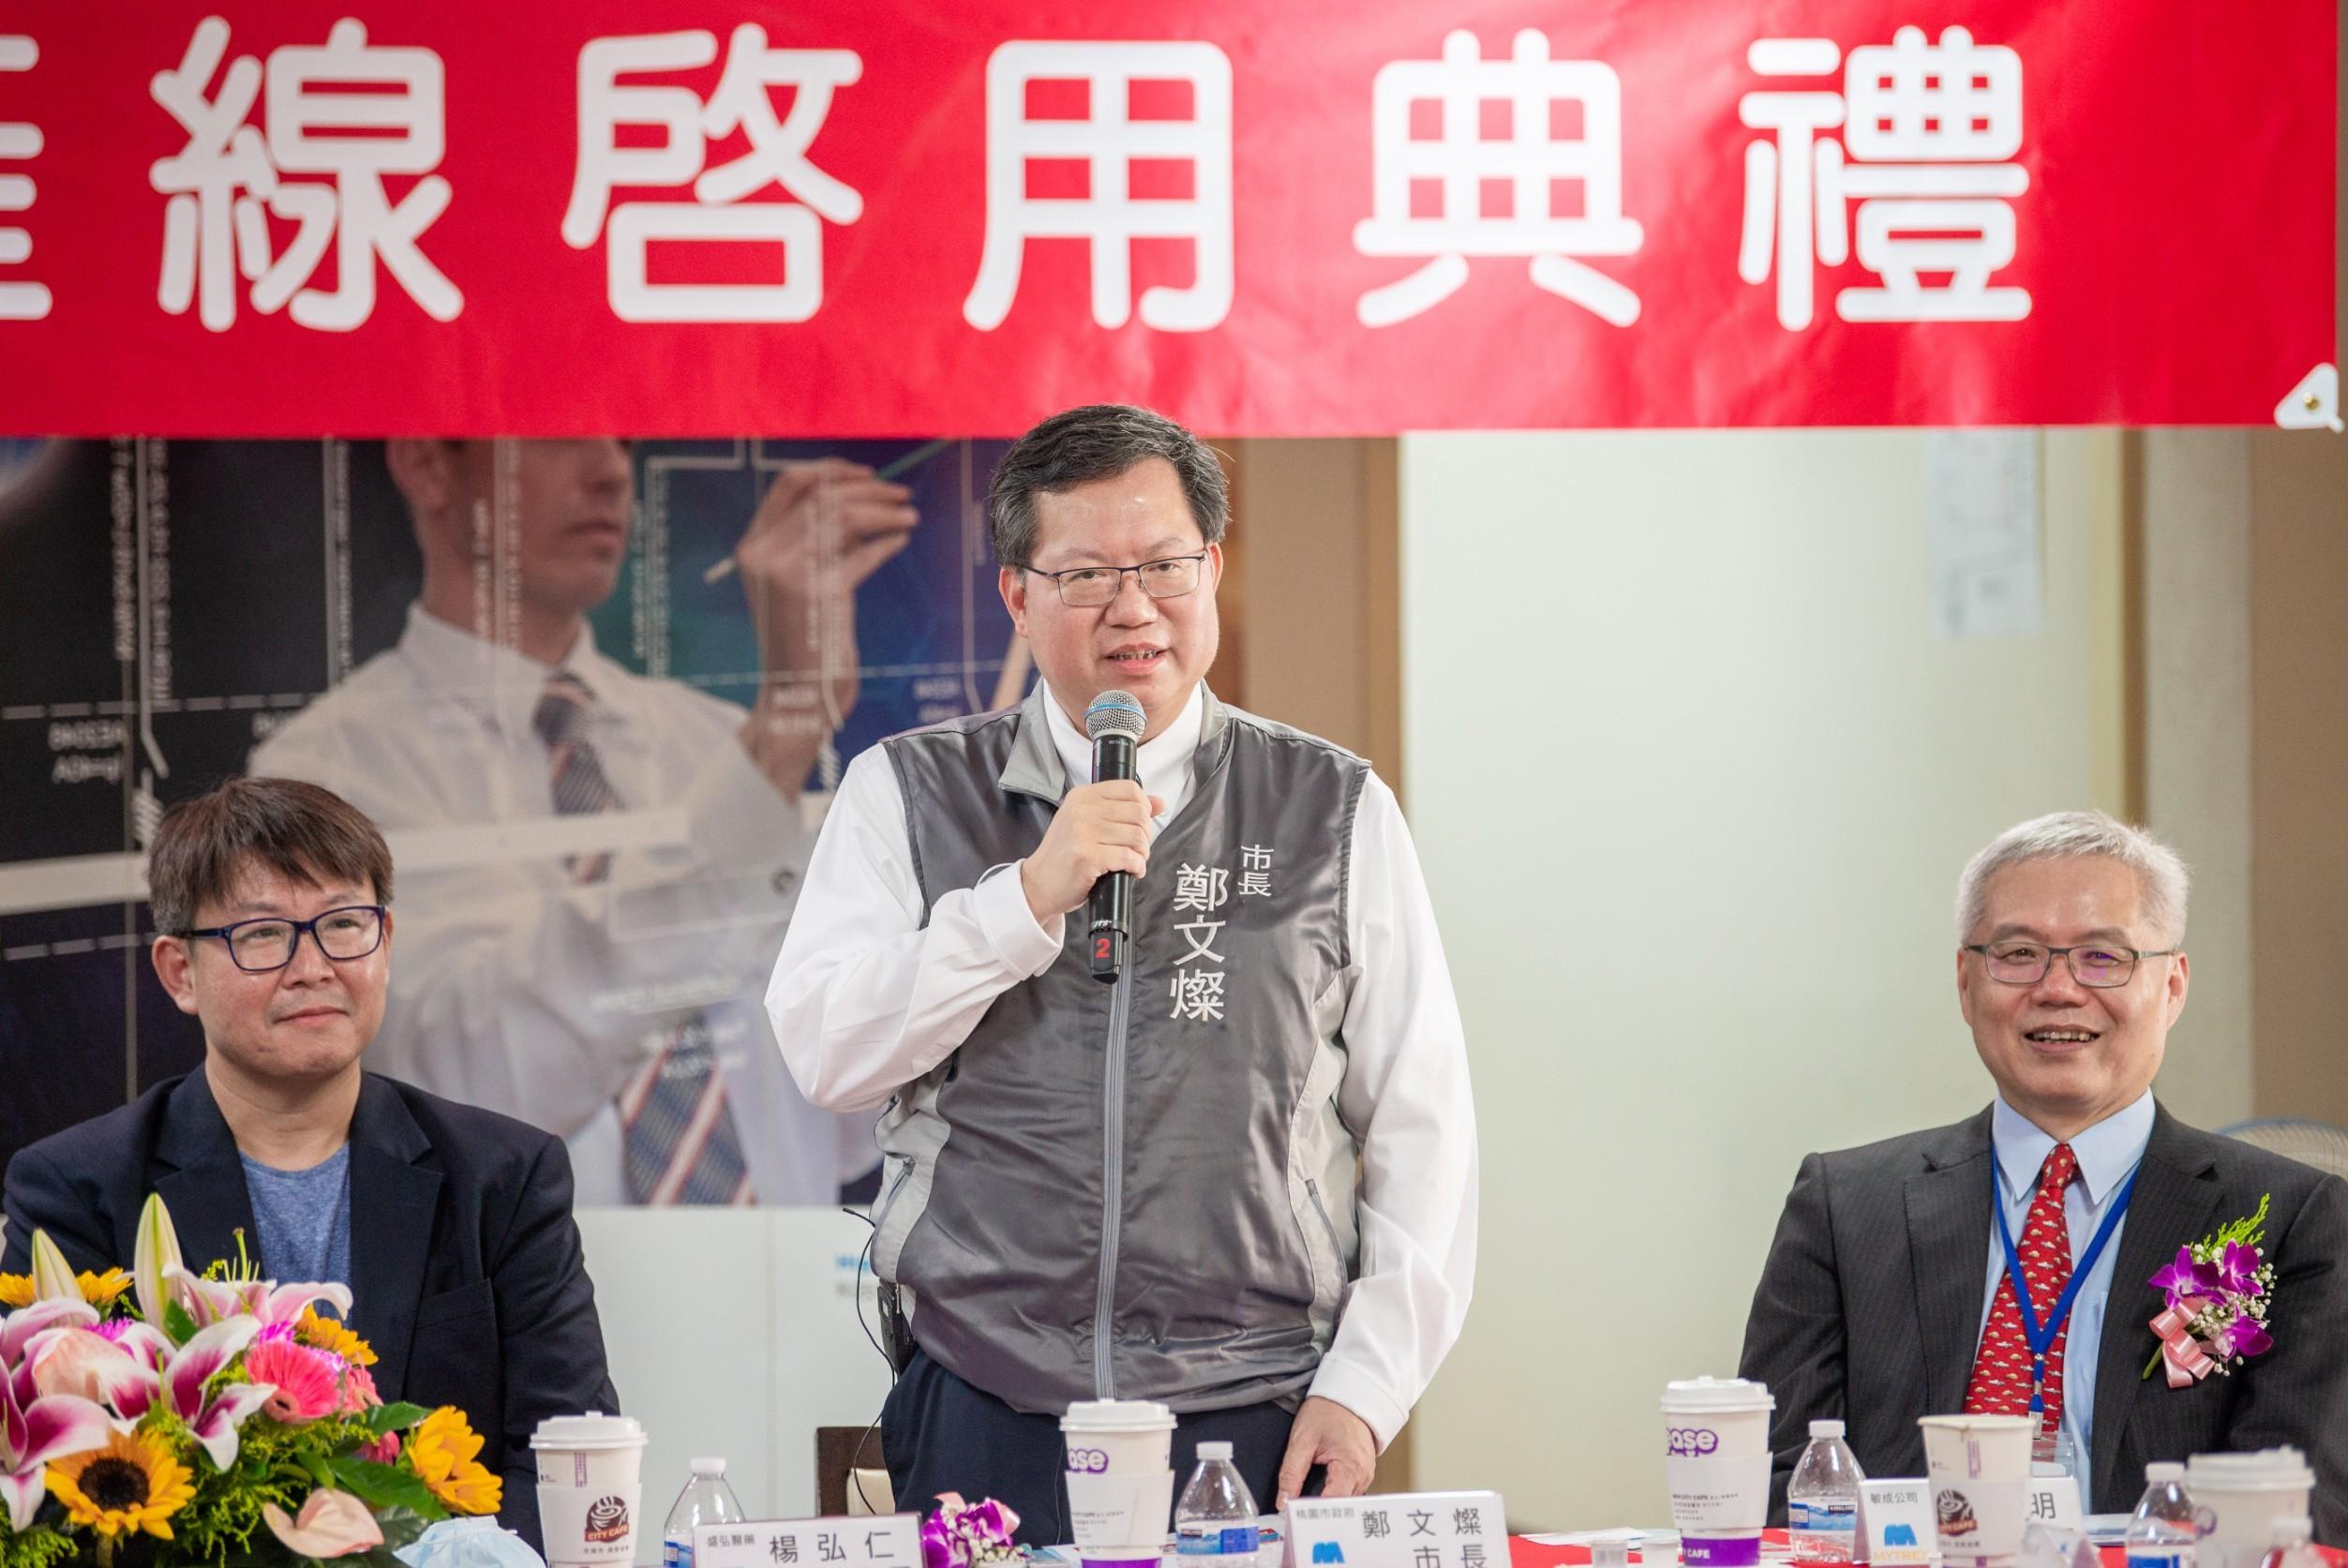 市長期許疫情過後,台灣熔噴生產技術能整廠輸出,貢獻世界